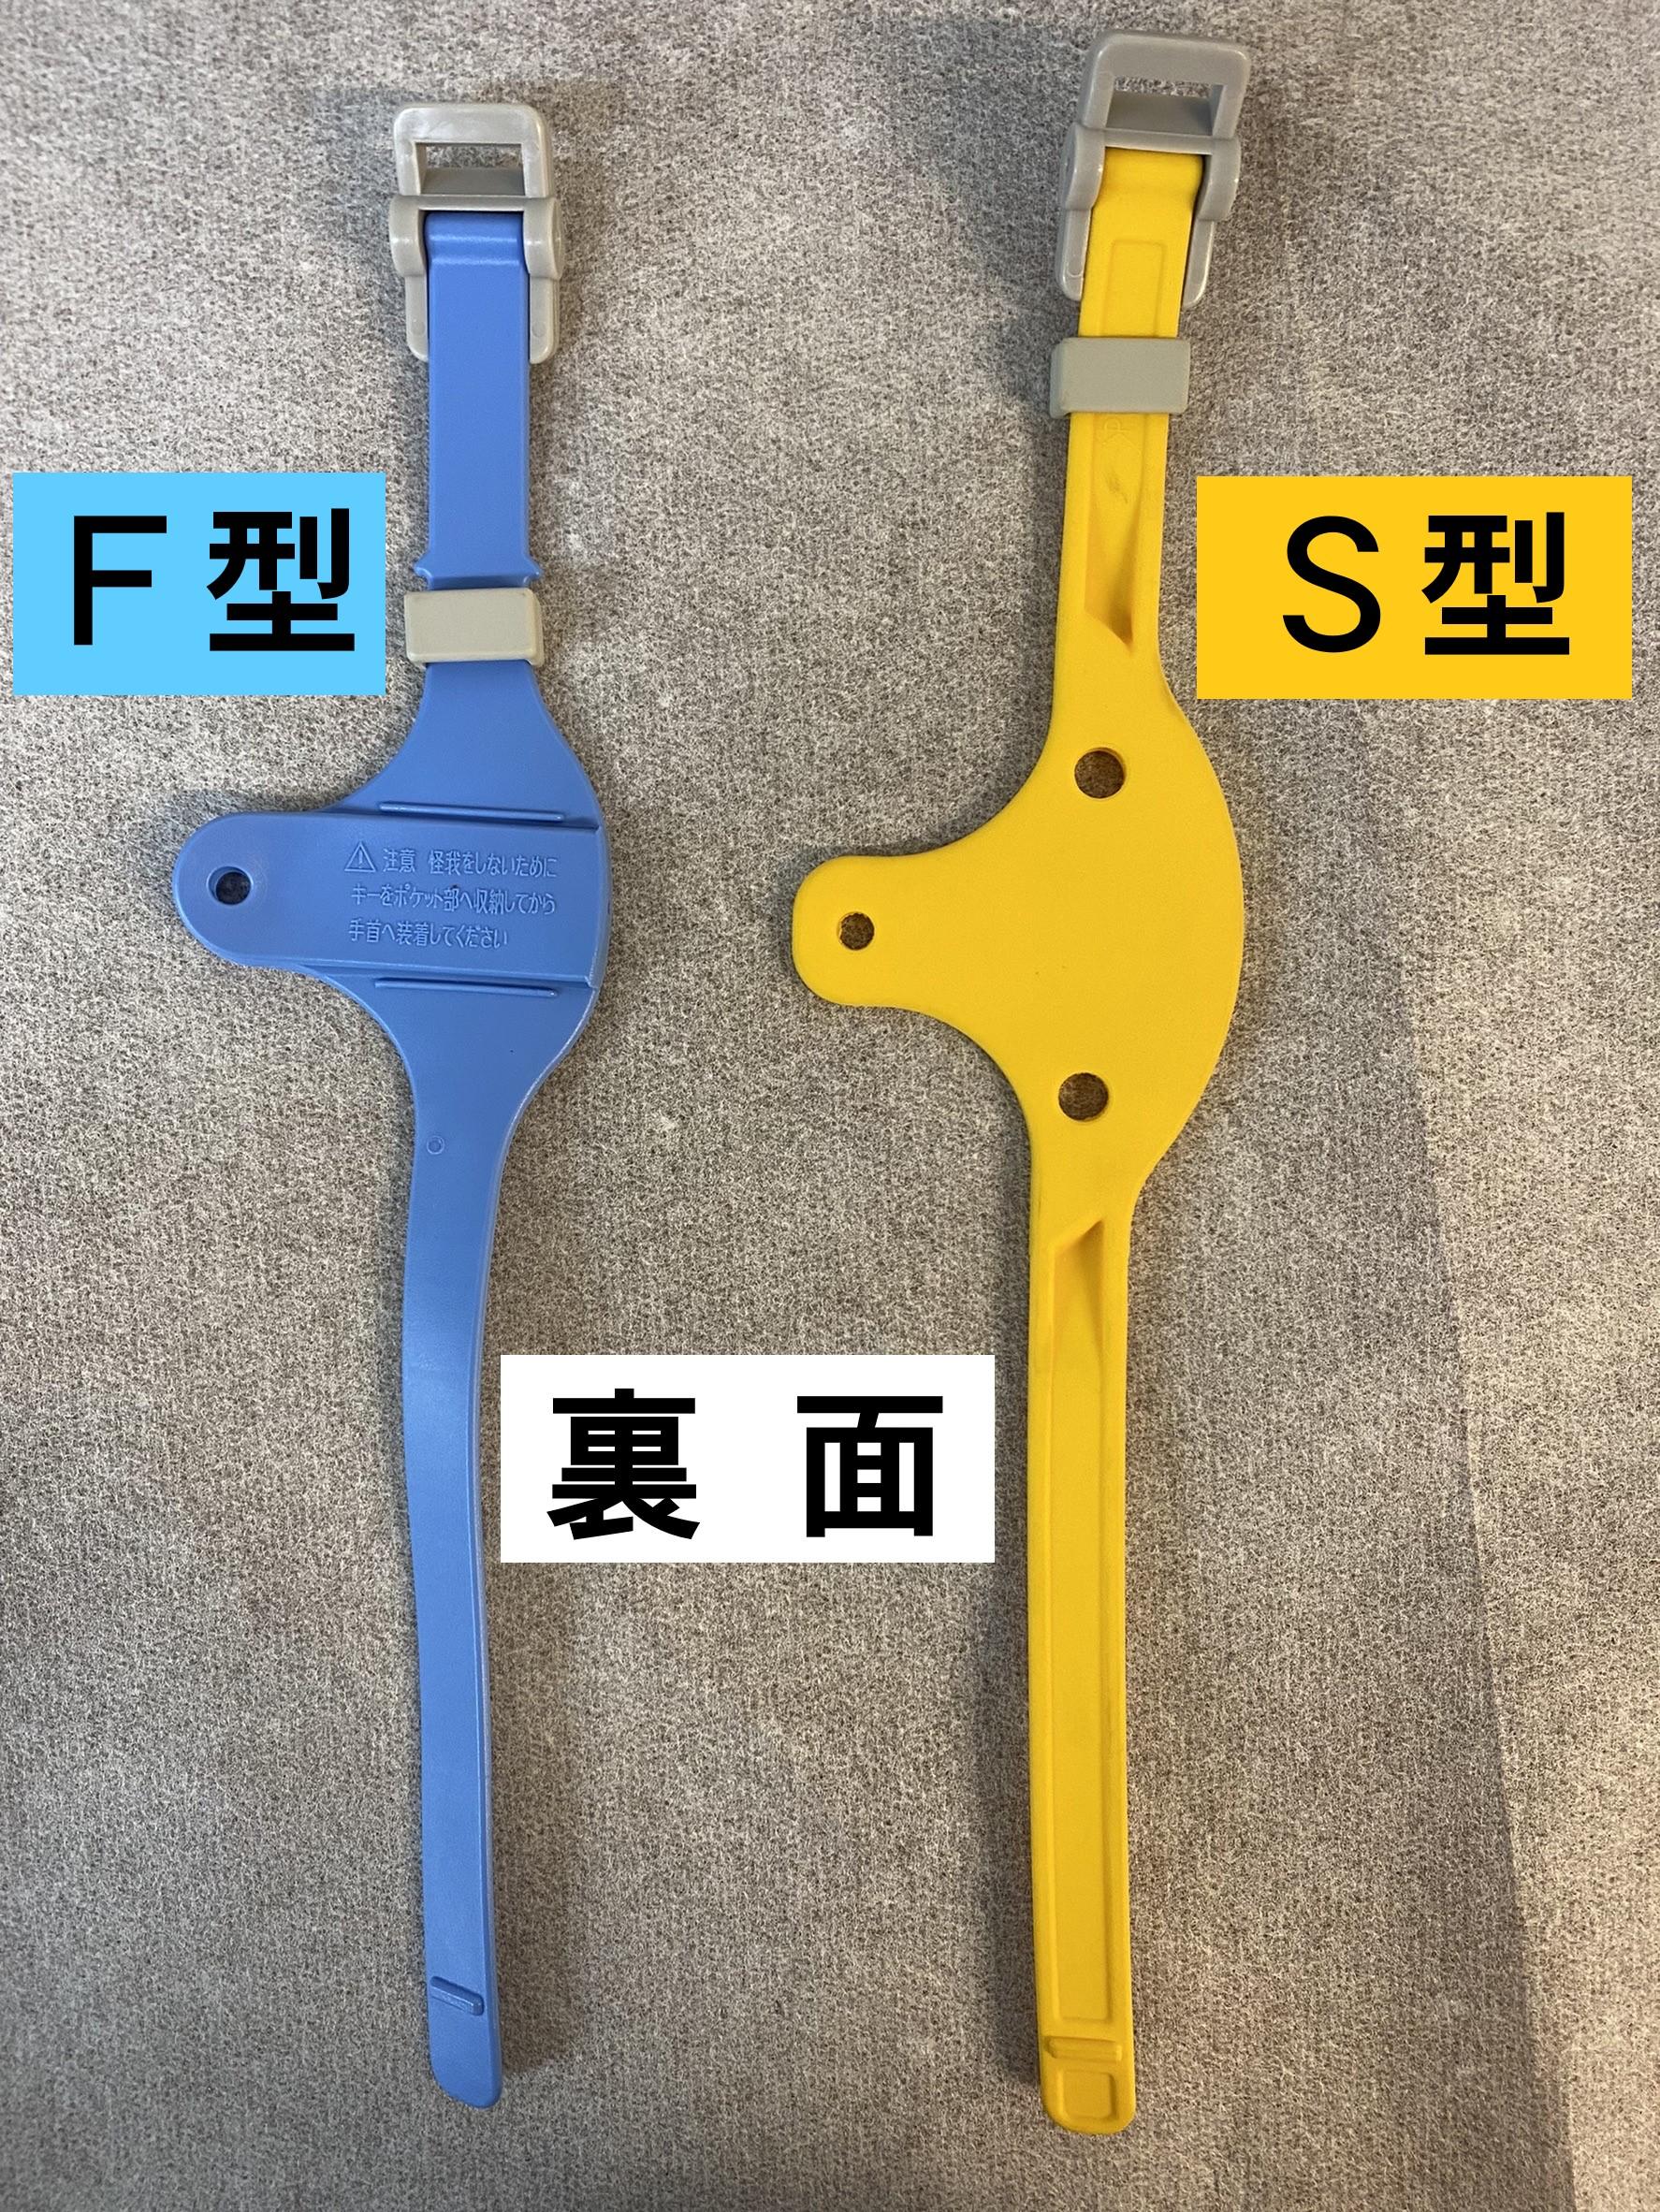 S型との違い(表面)